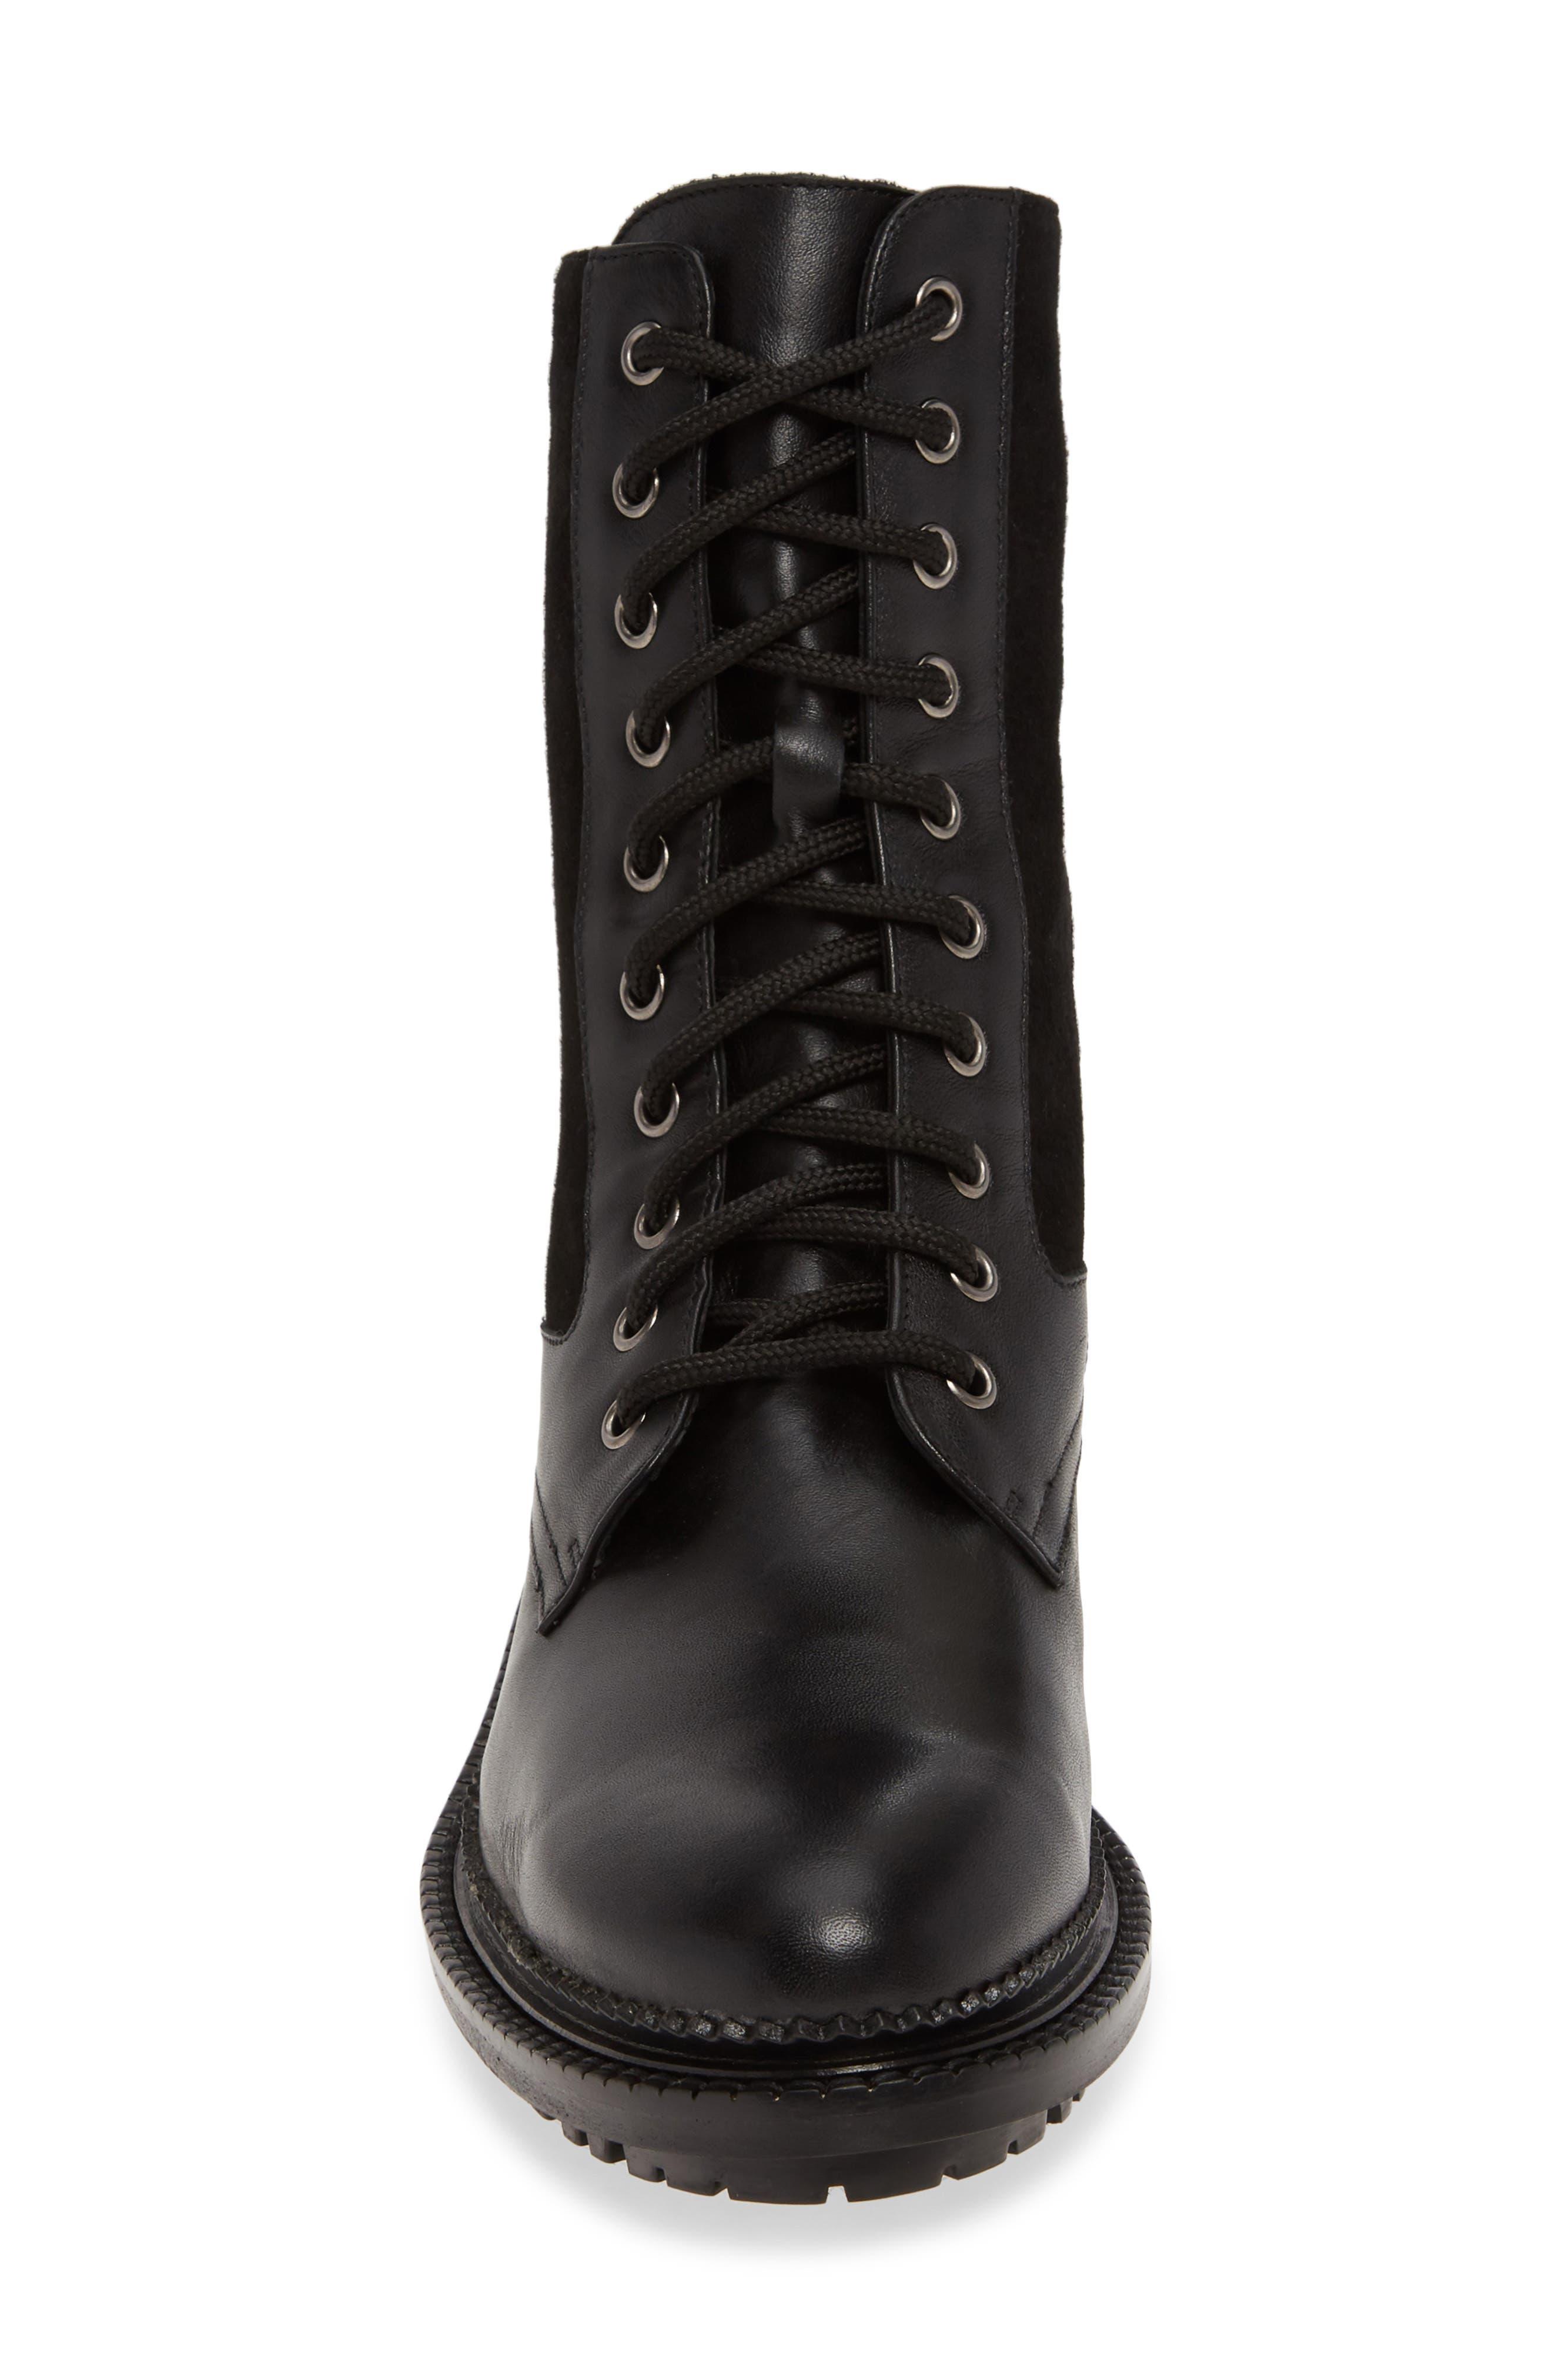 Aquatalia Boots Orianna Combat Boot